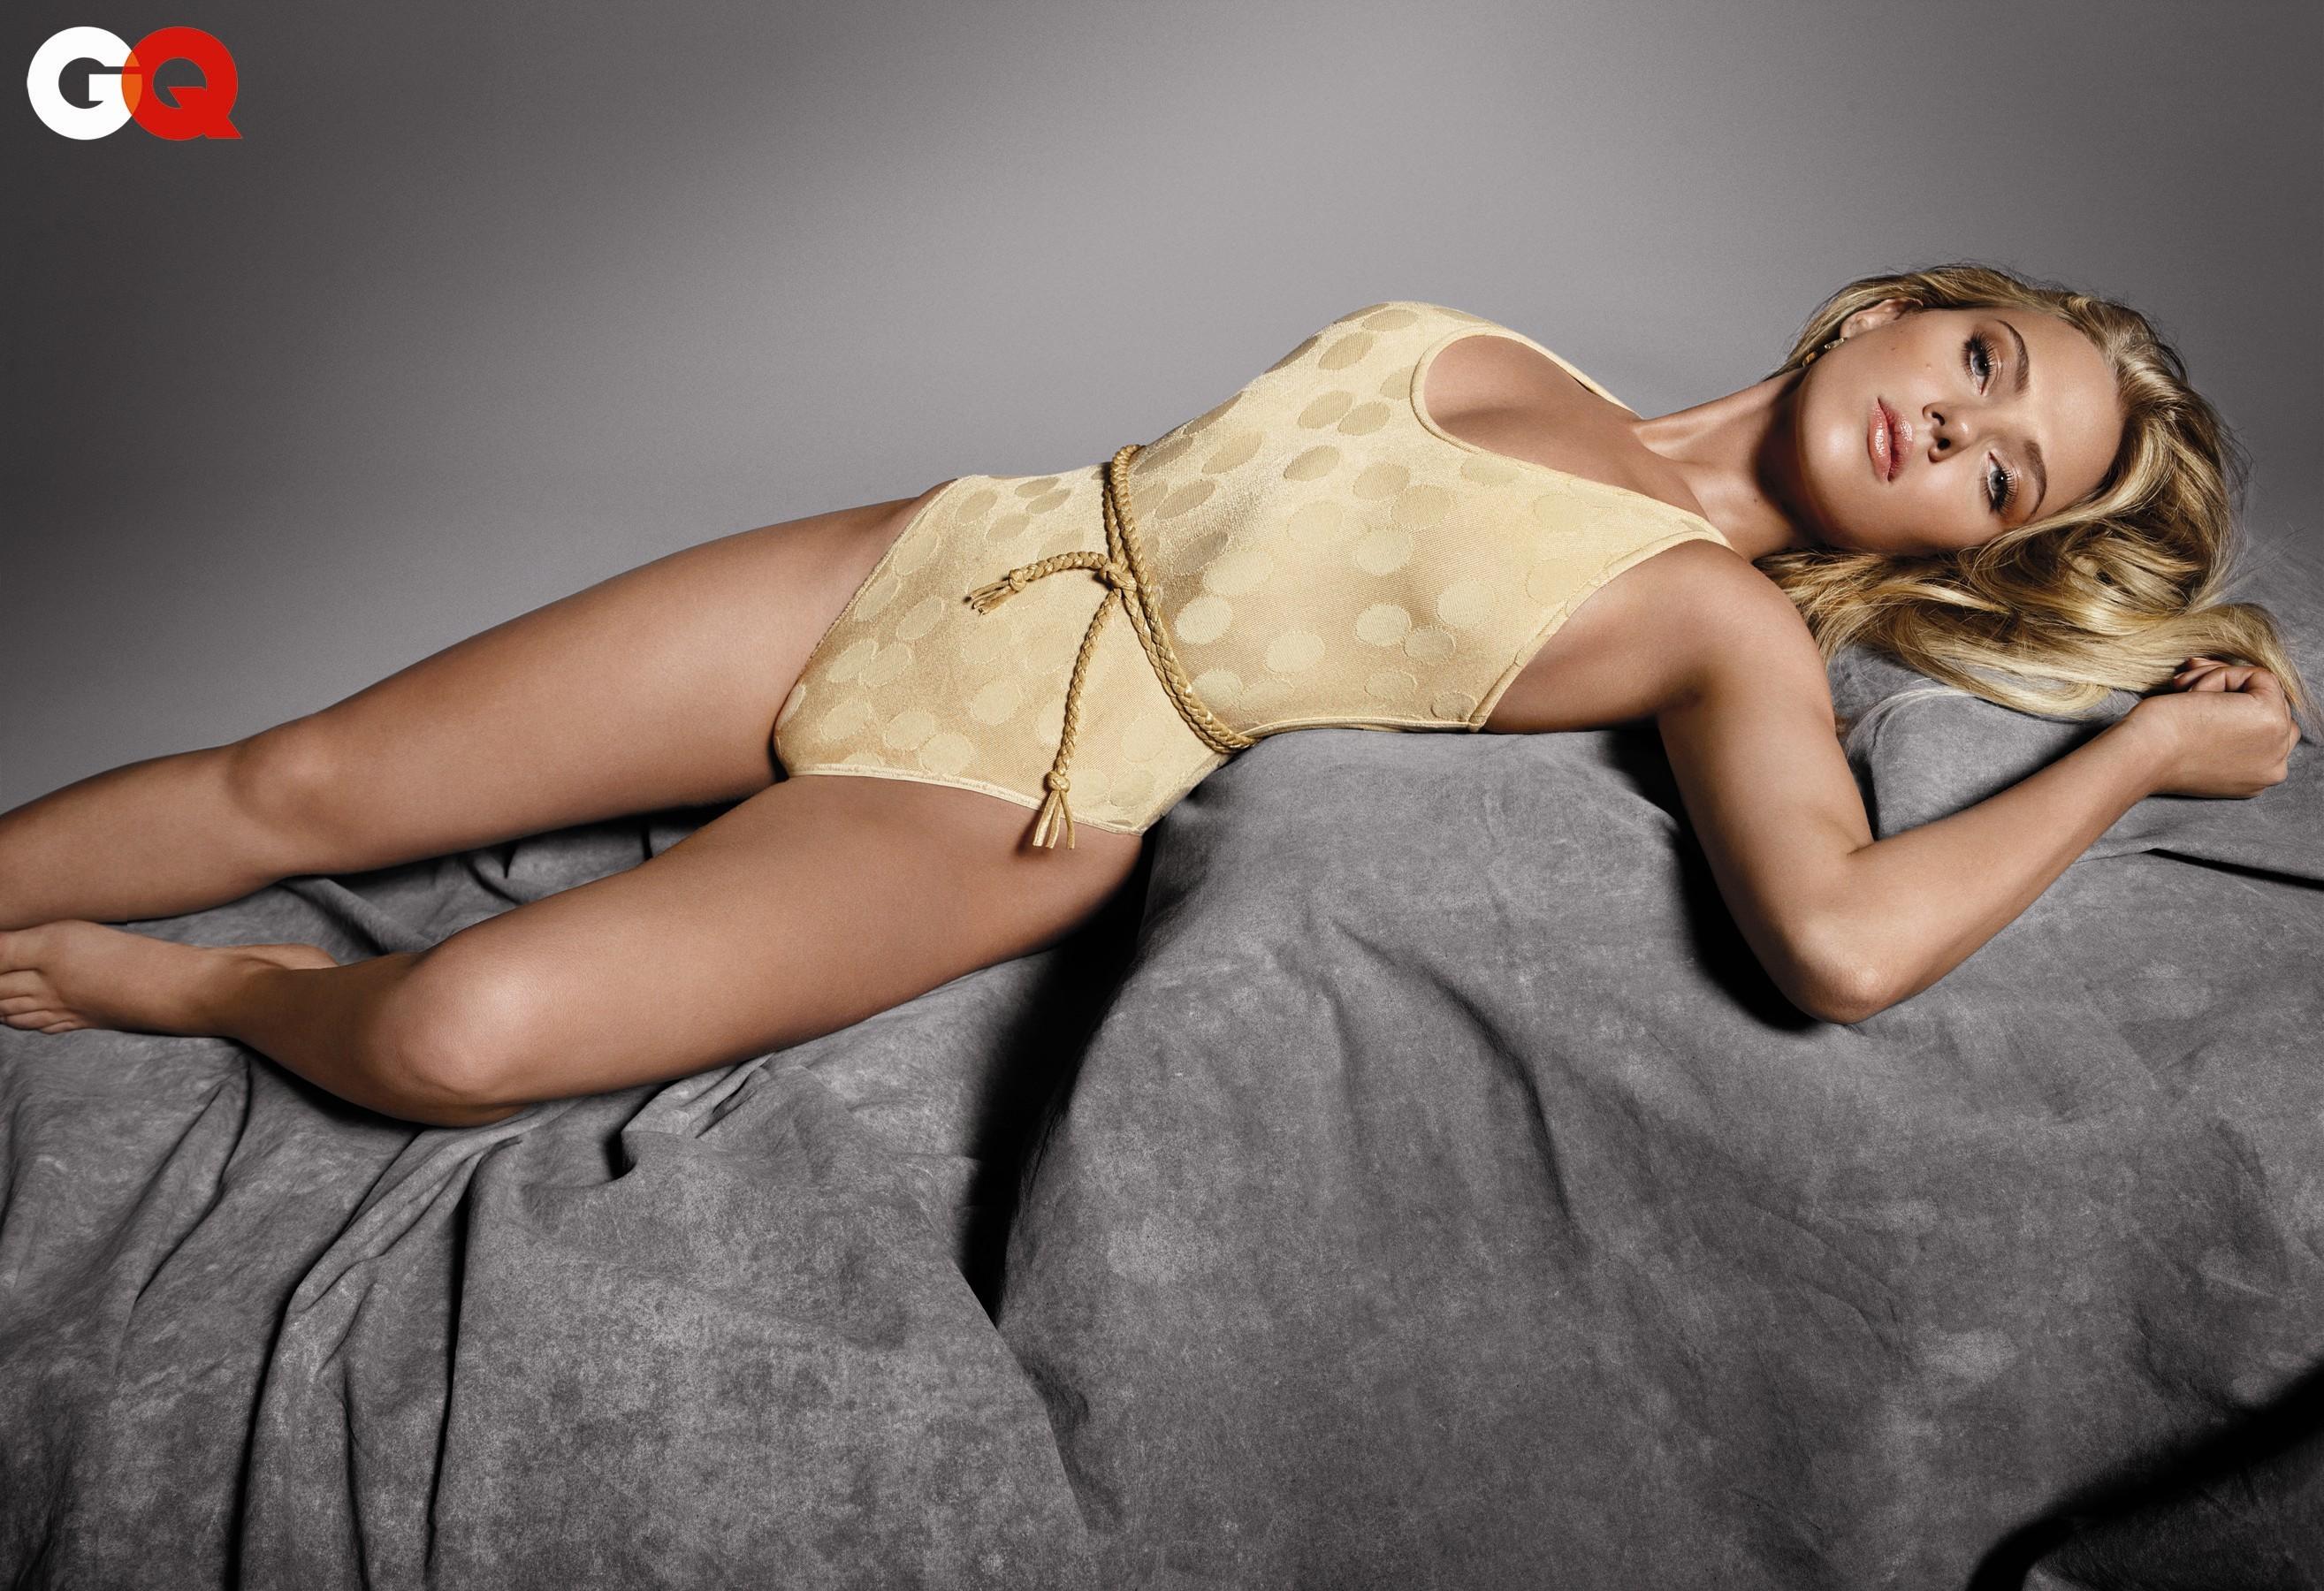 GQ Scarlett Johannson 1